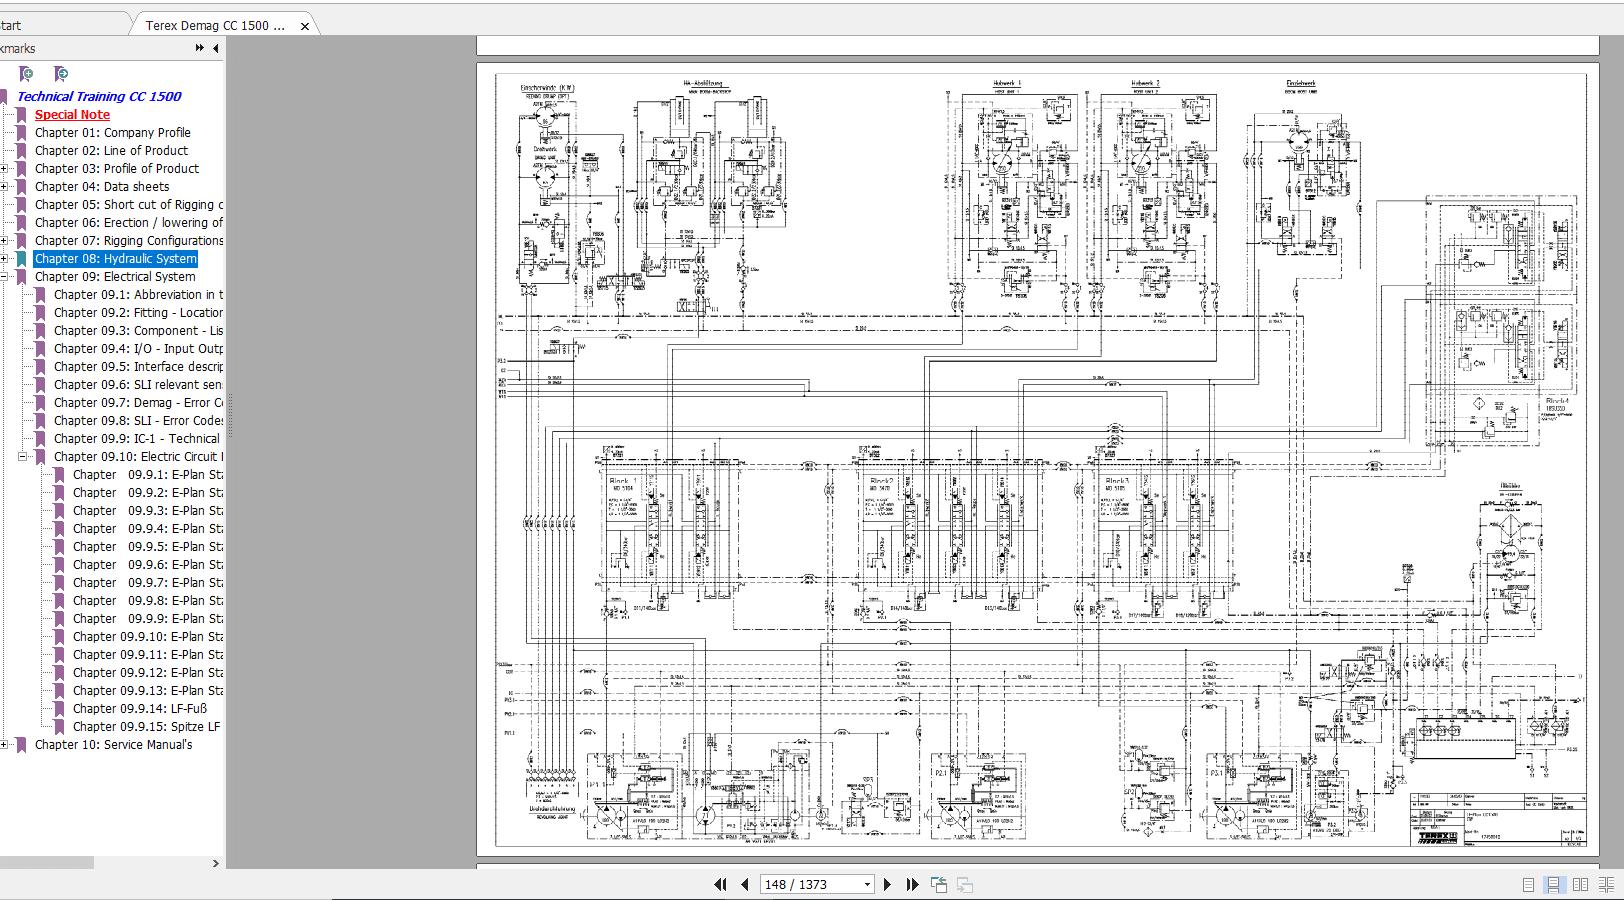 Terex_Demag_CC_1500_Crawler_Crane_Technical_Service_ManualVer10_3